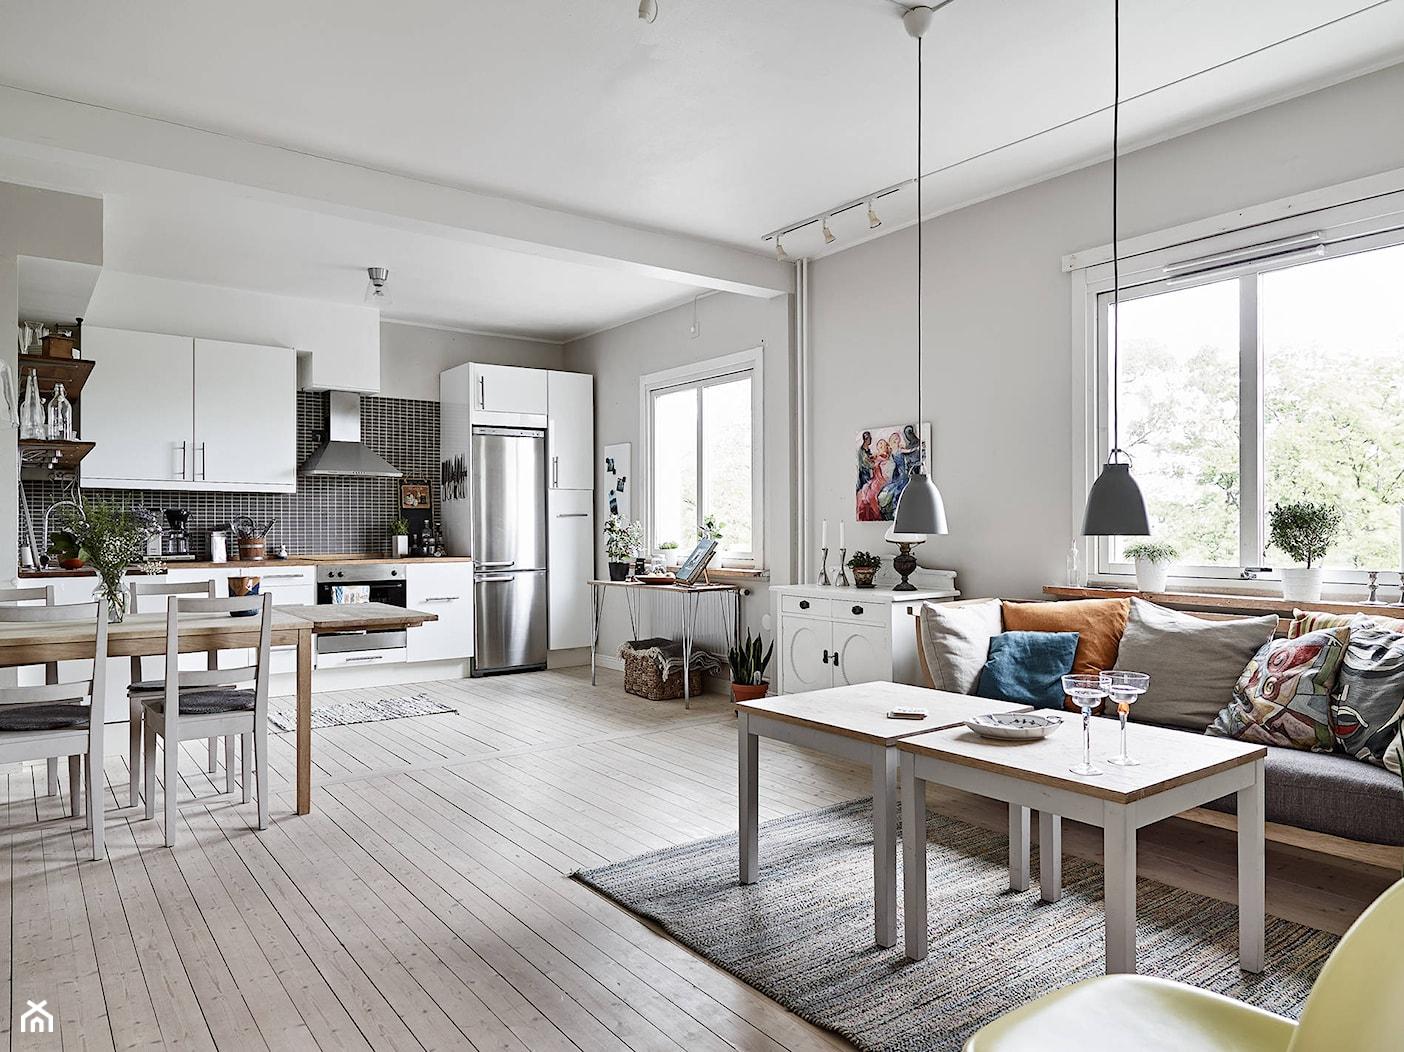 Skandynawskie inspiracje - Duży biały salon z kuchnią z jadalnią, styl skandynawski - zdjęcie od MartaWieclawDesign - Homebook